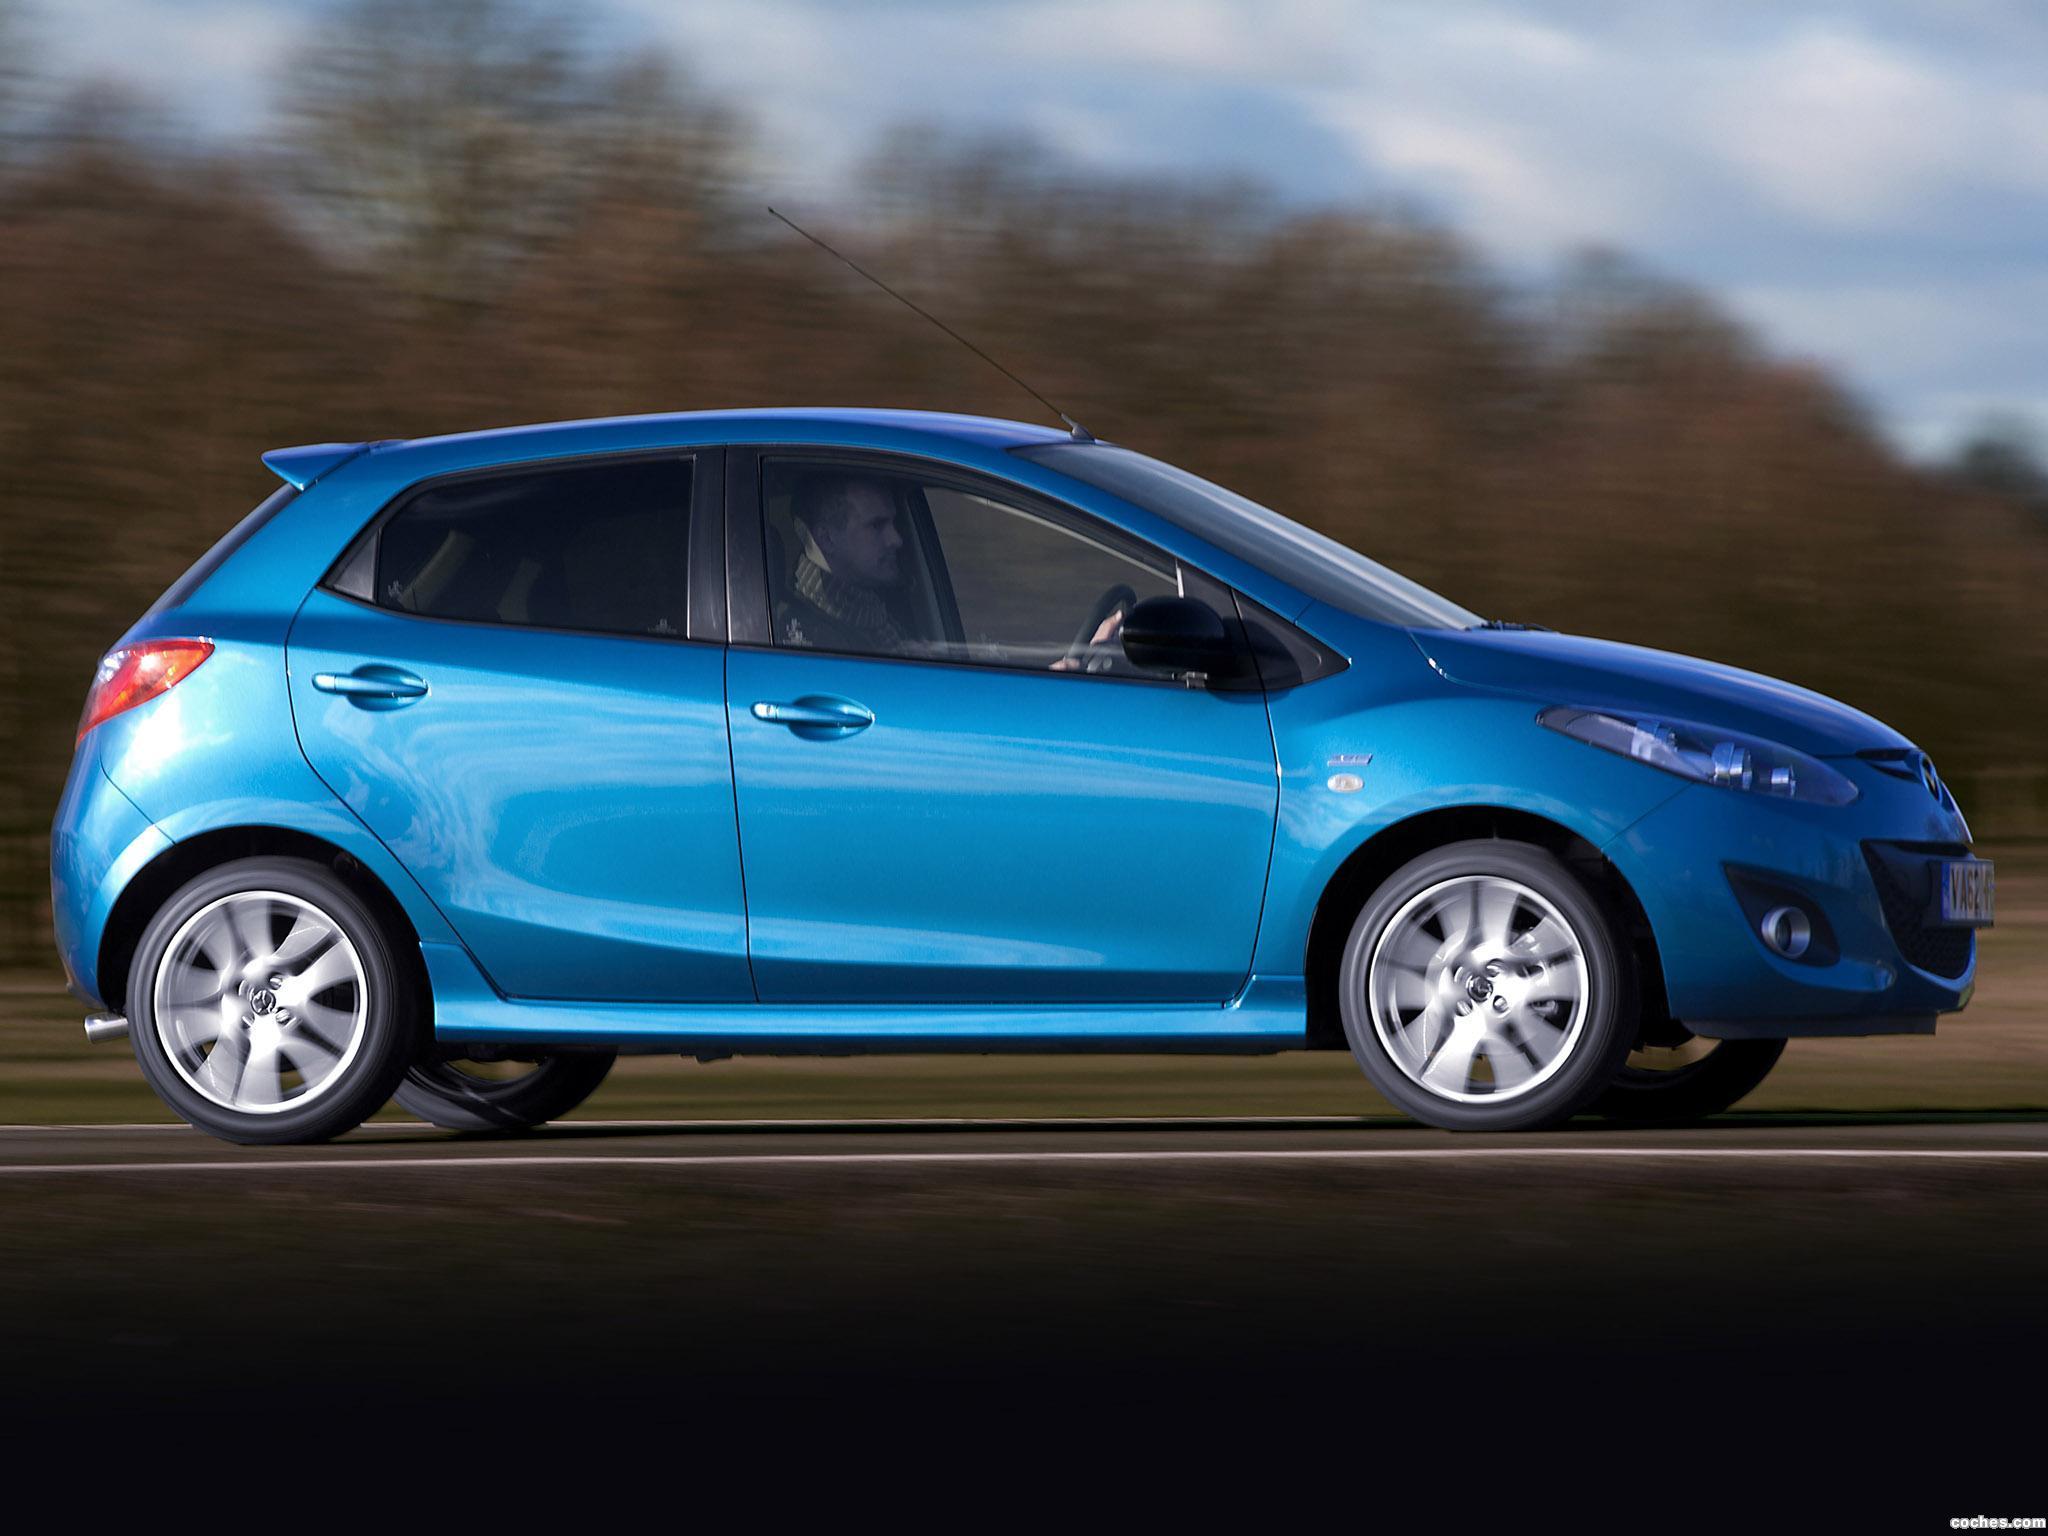 Foto 1 de Mazda 2 Venture Edition UK 2013